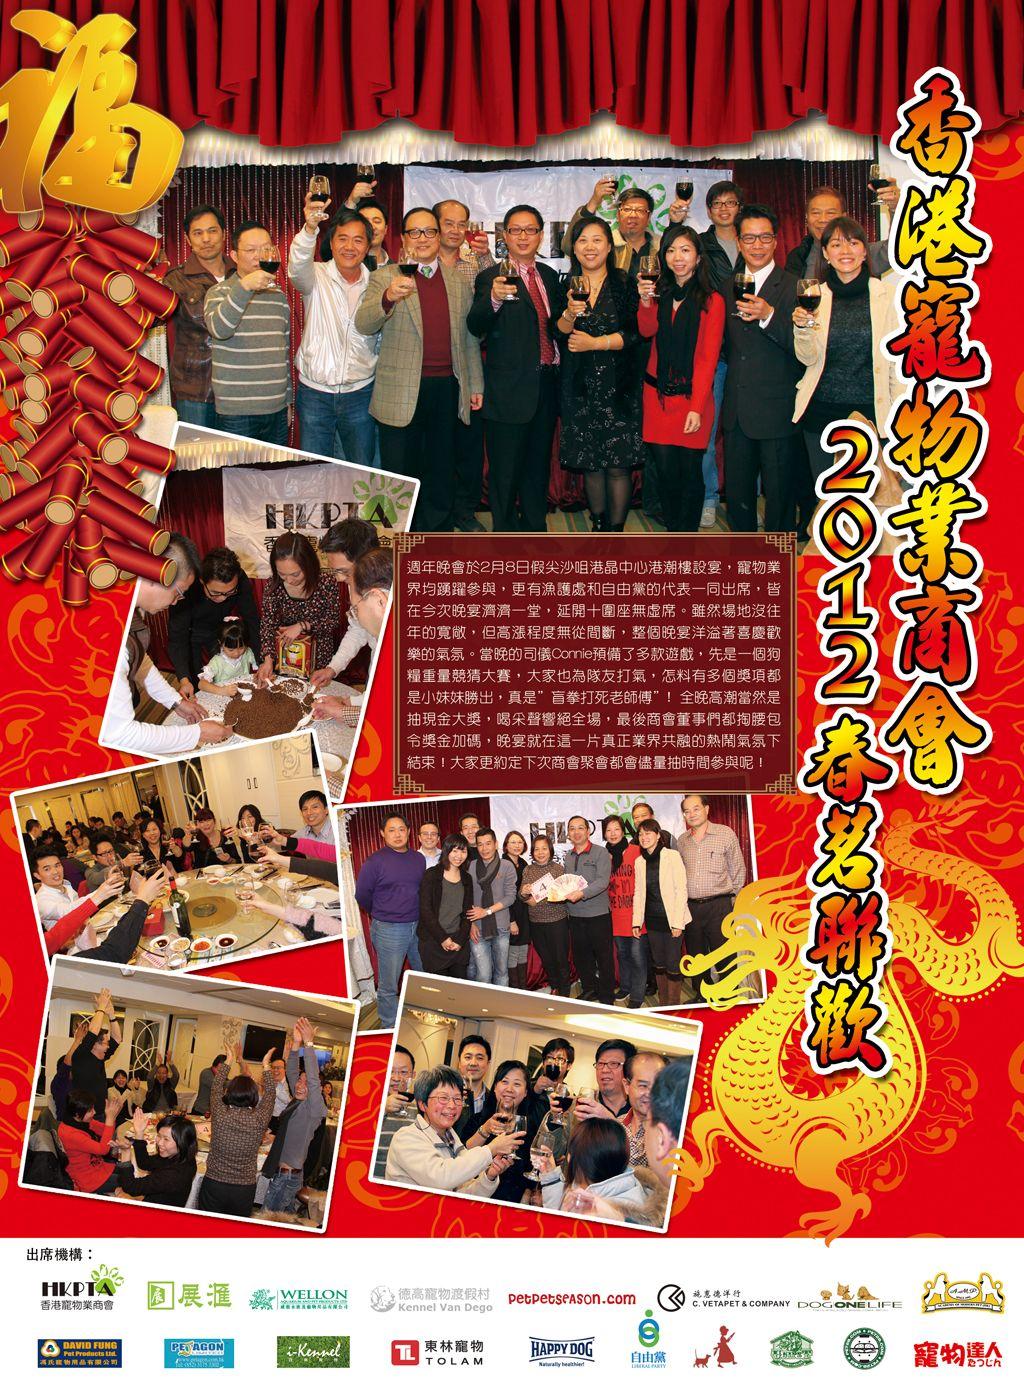 http://www.hkpta.org.hk/wp-content/uploads/HKPTA-annual-dinner-2012.jpg